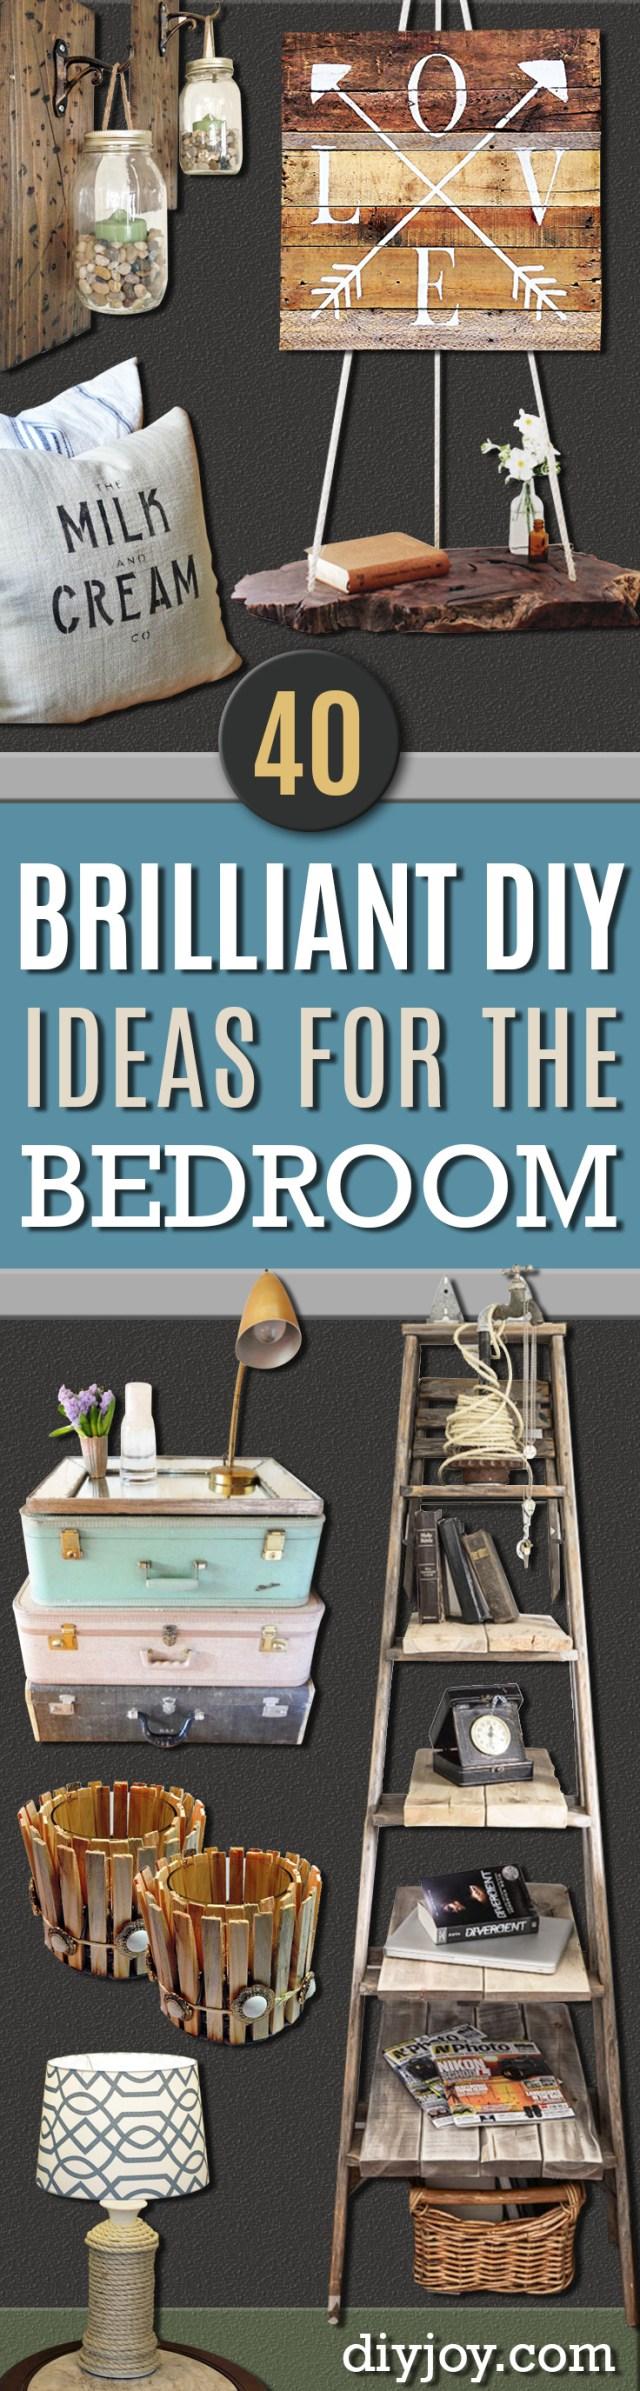 40 Brilliant DIY Ideas for the Bedroom DIY Joy